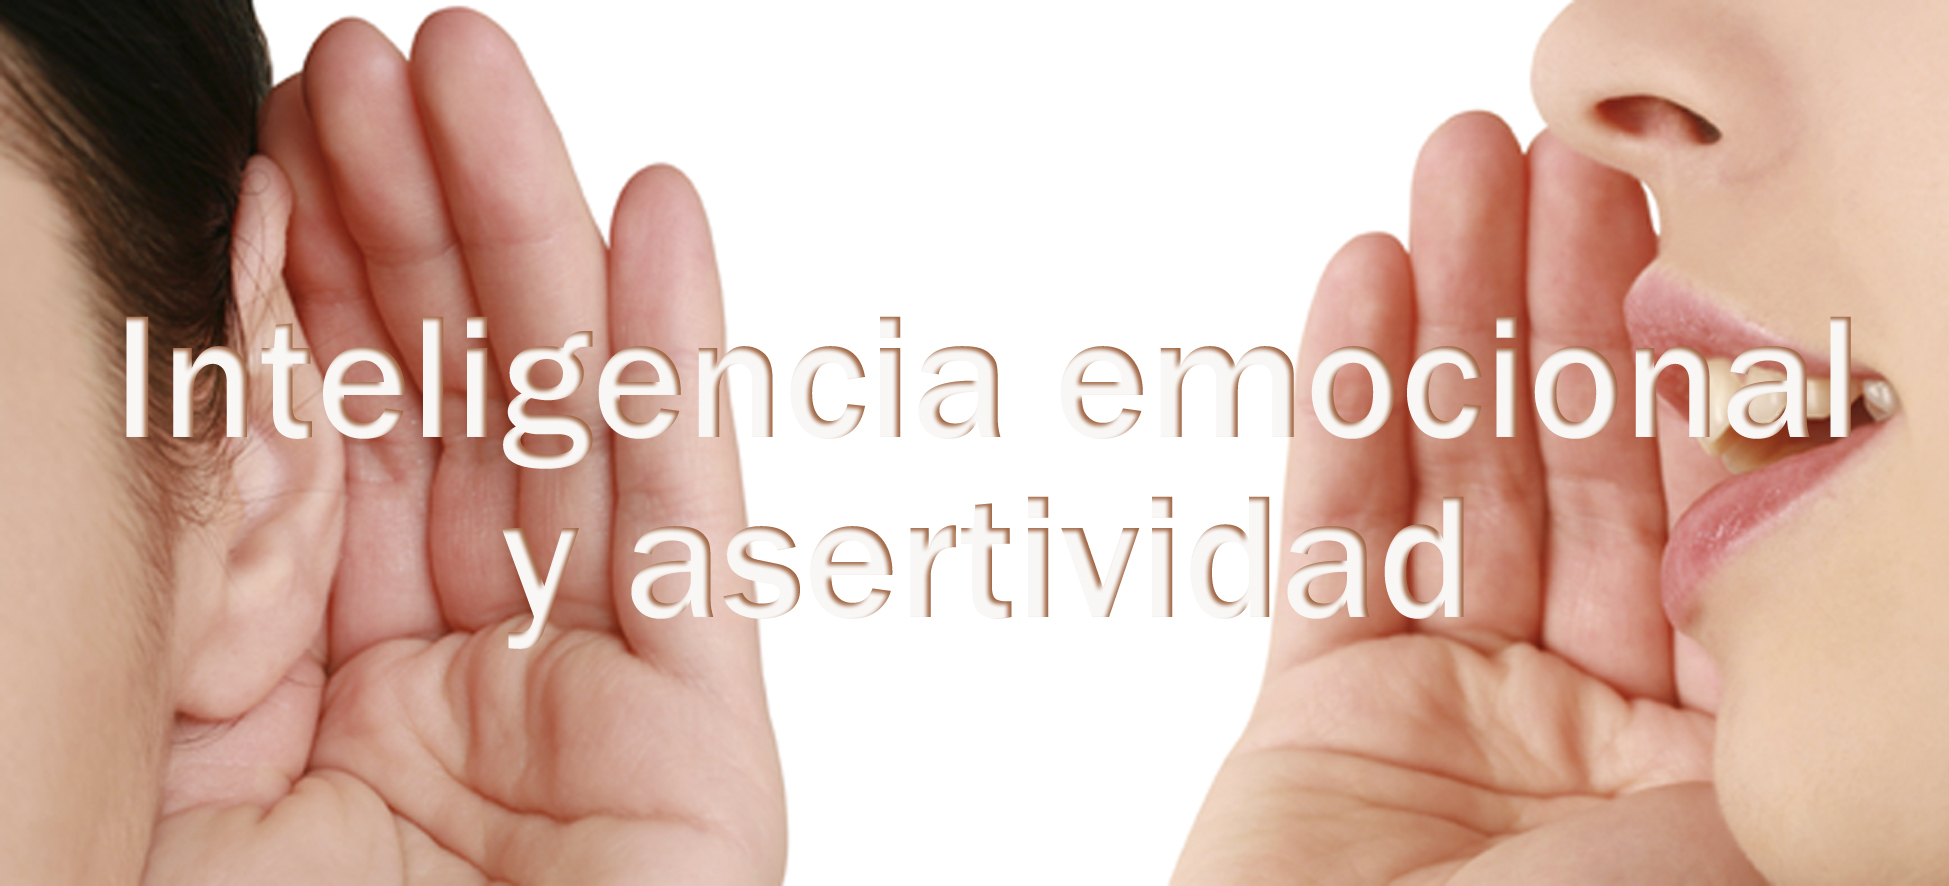 inteligencia emocional 3.jpg